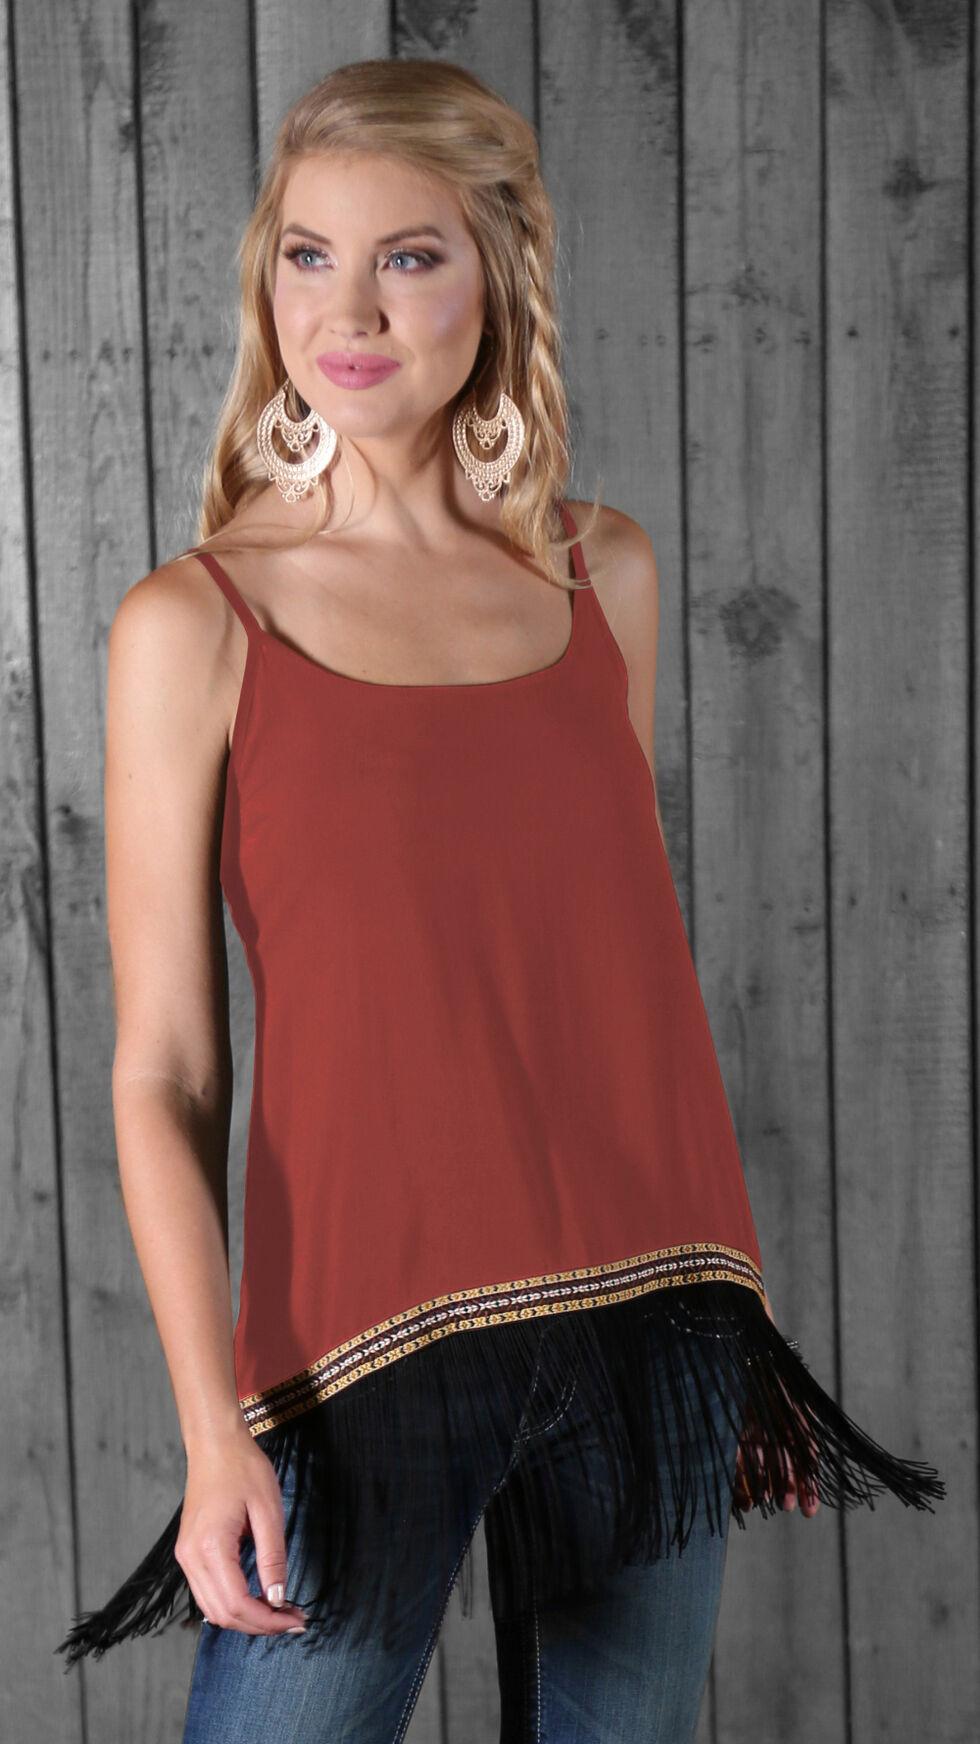 Wrangler Women's Sleeveless Fringe Tank Top, Red, hi-res